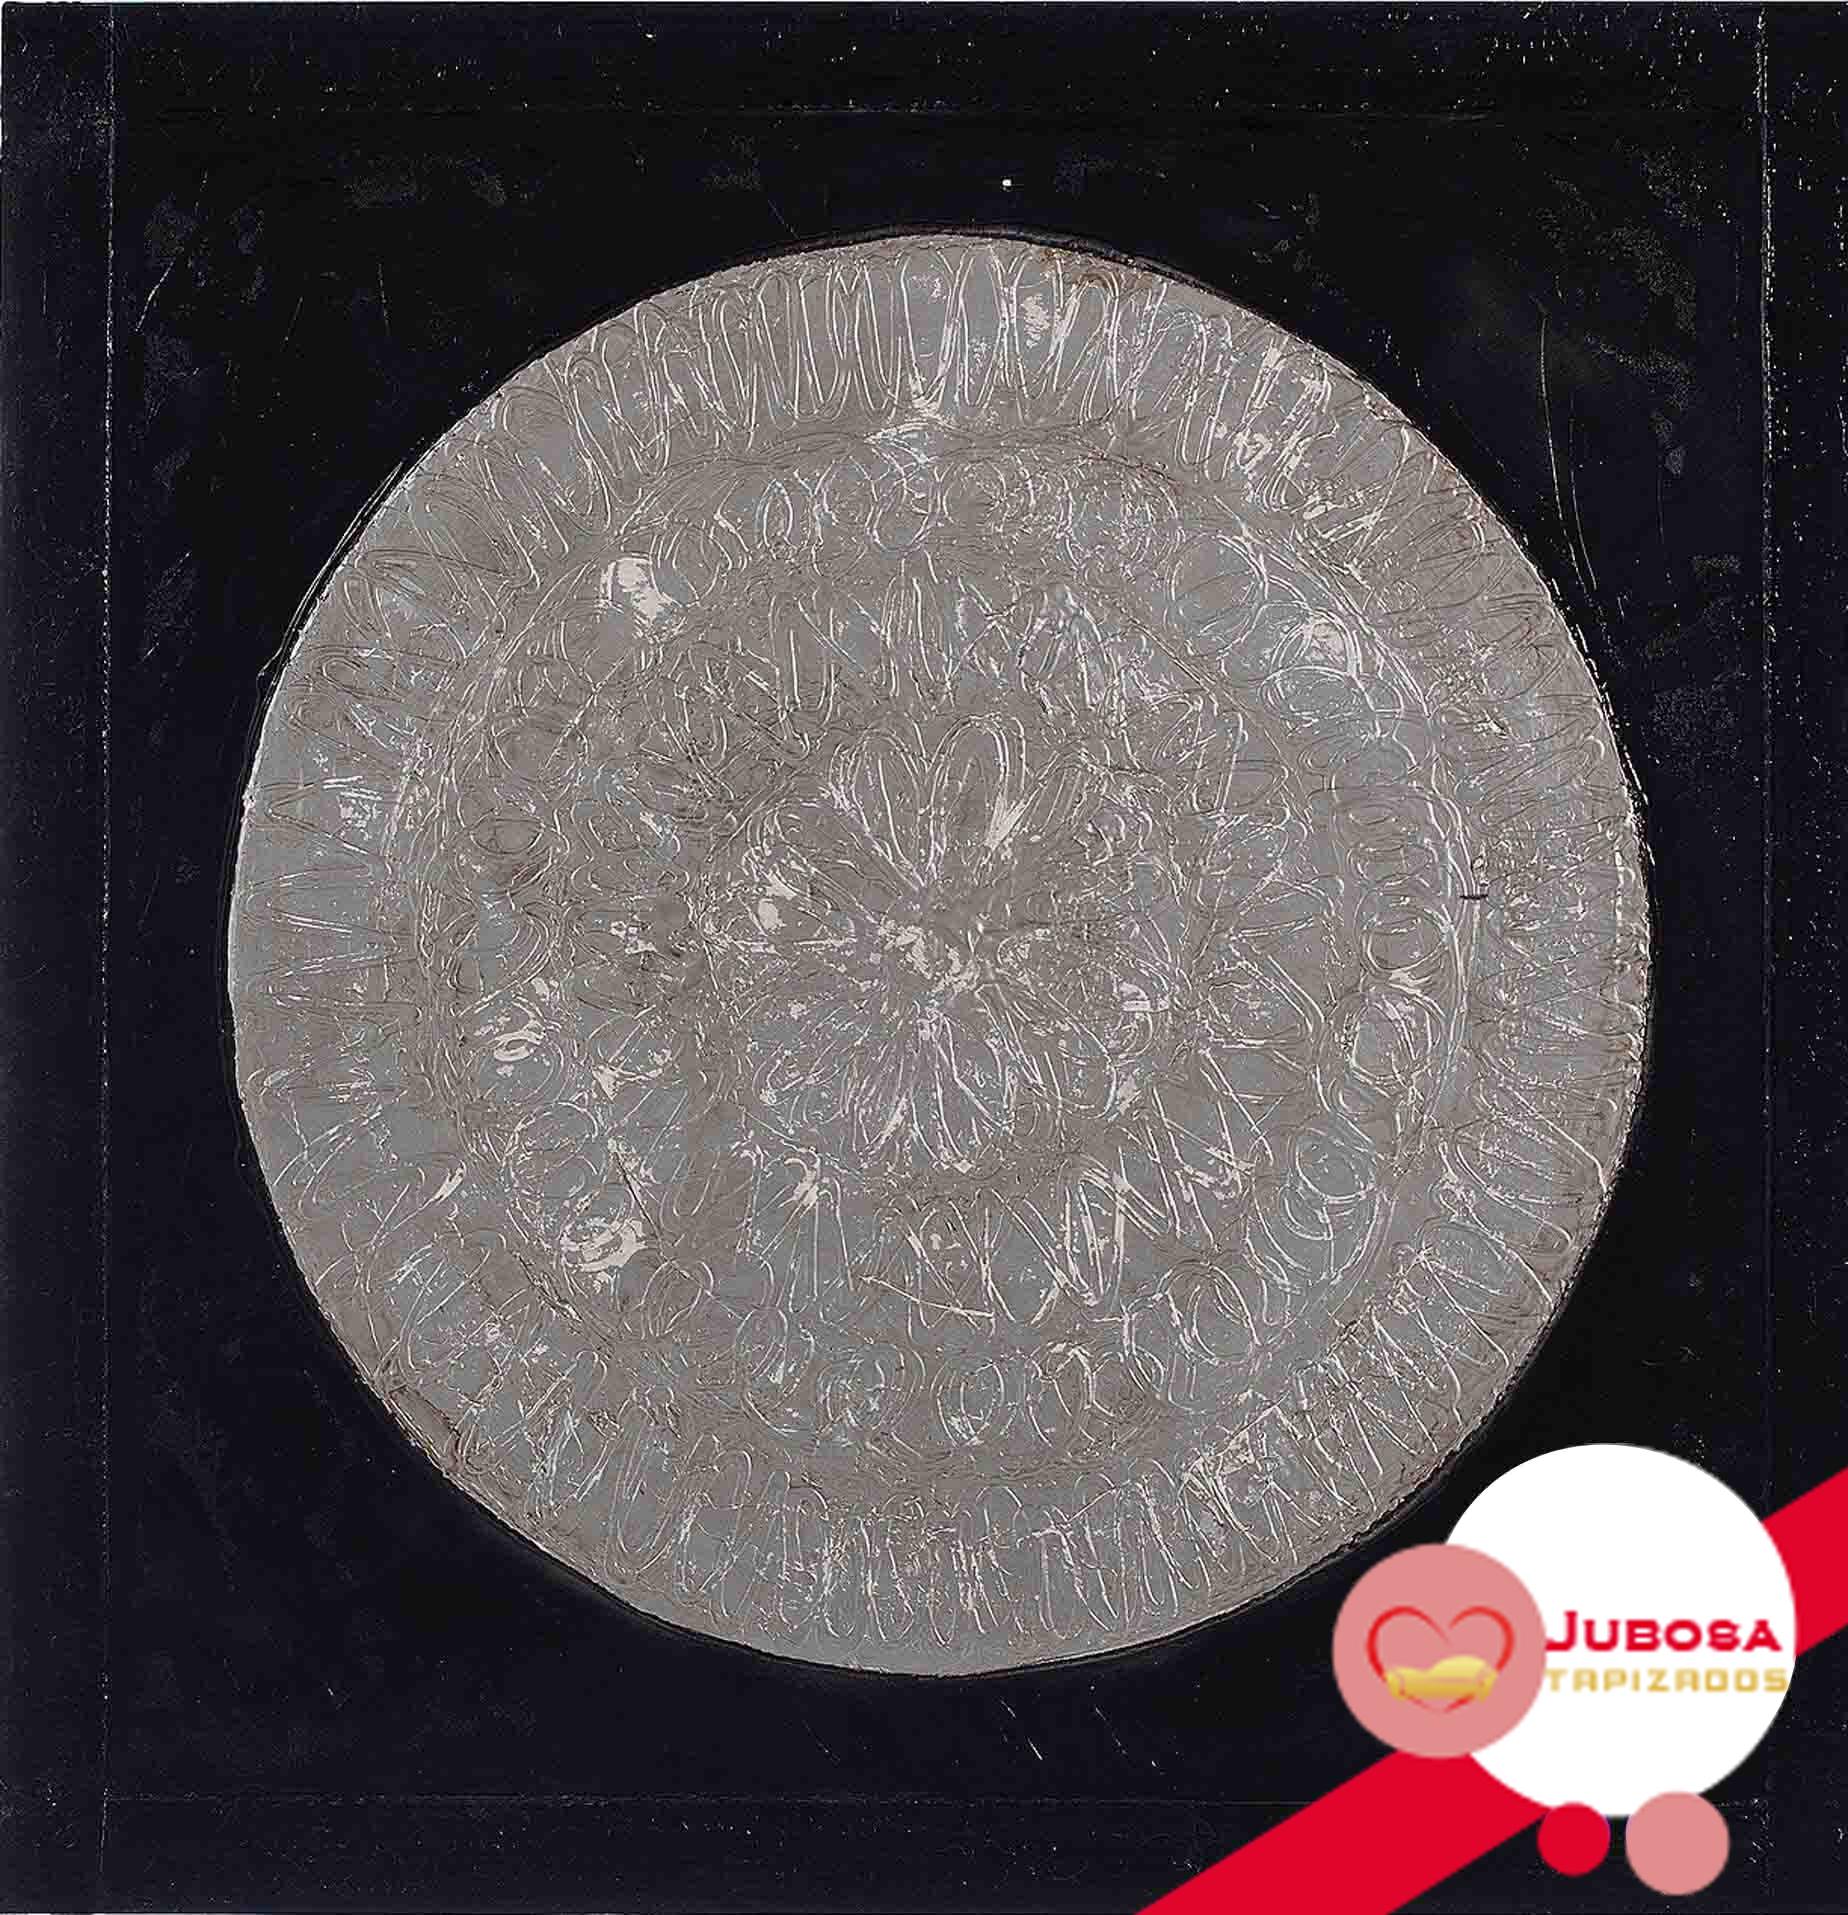 cuadro esfera tapizados jubosa